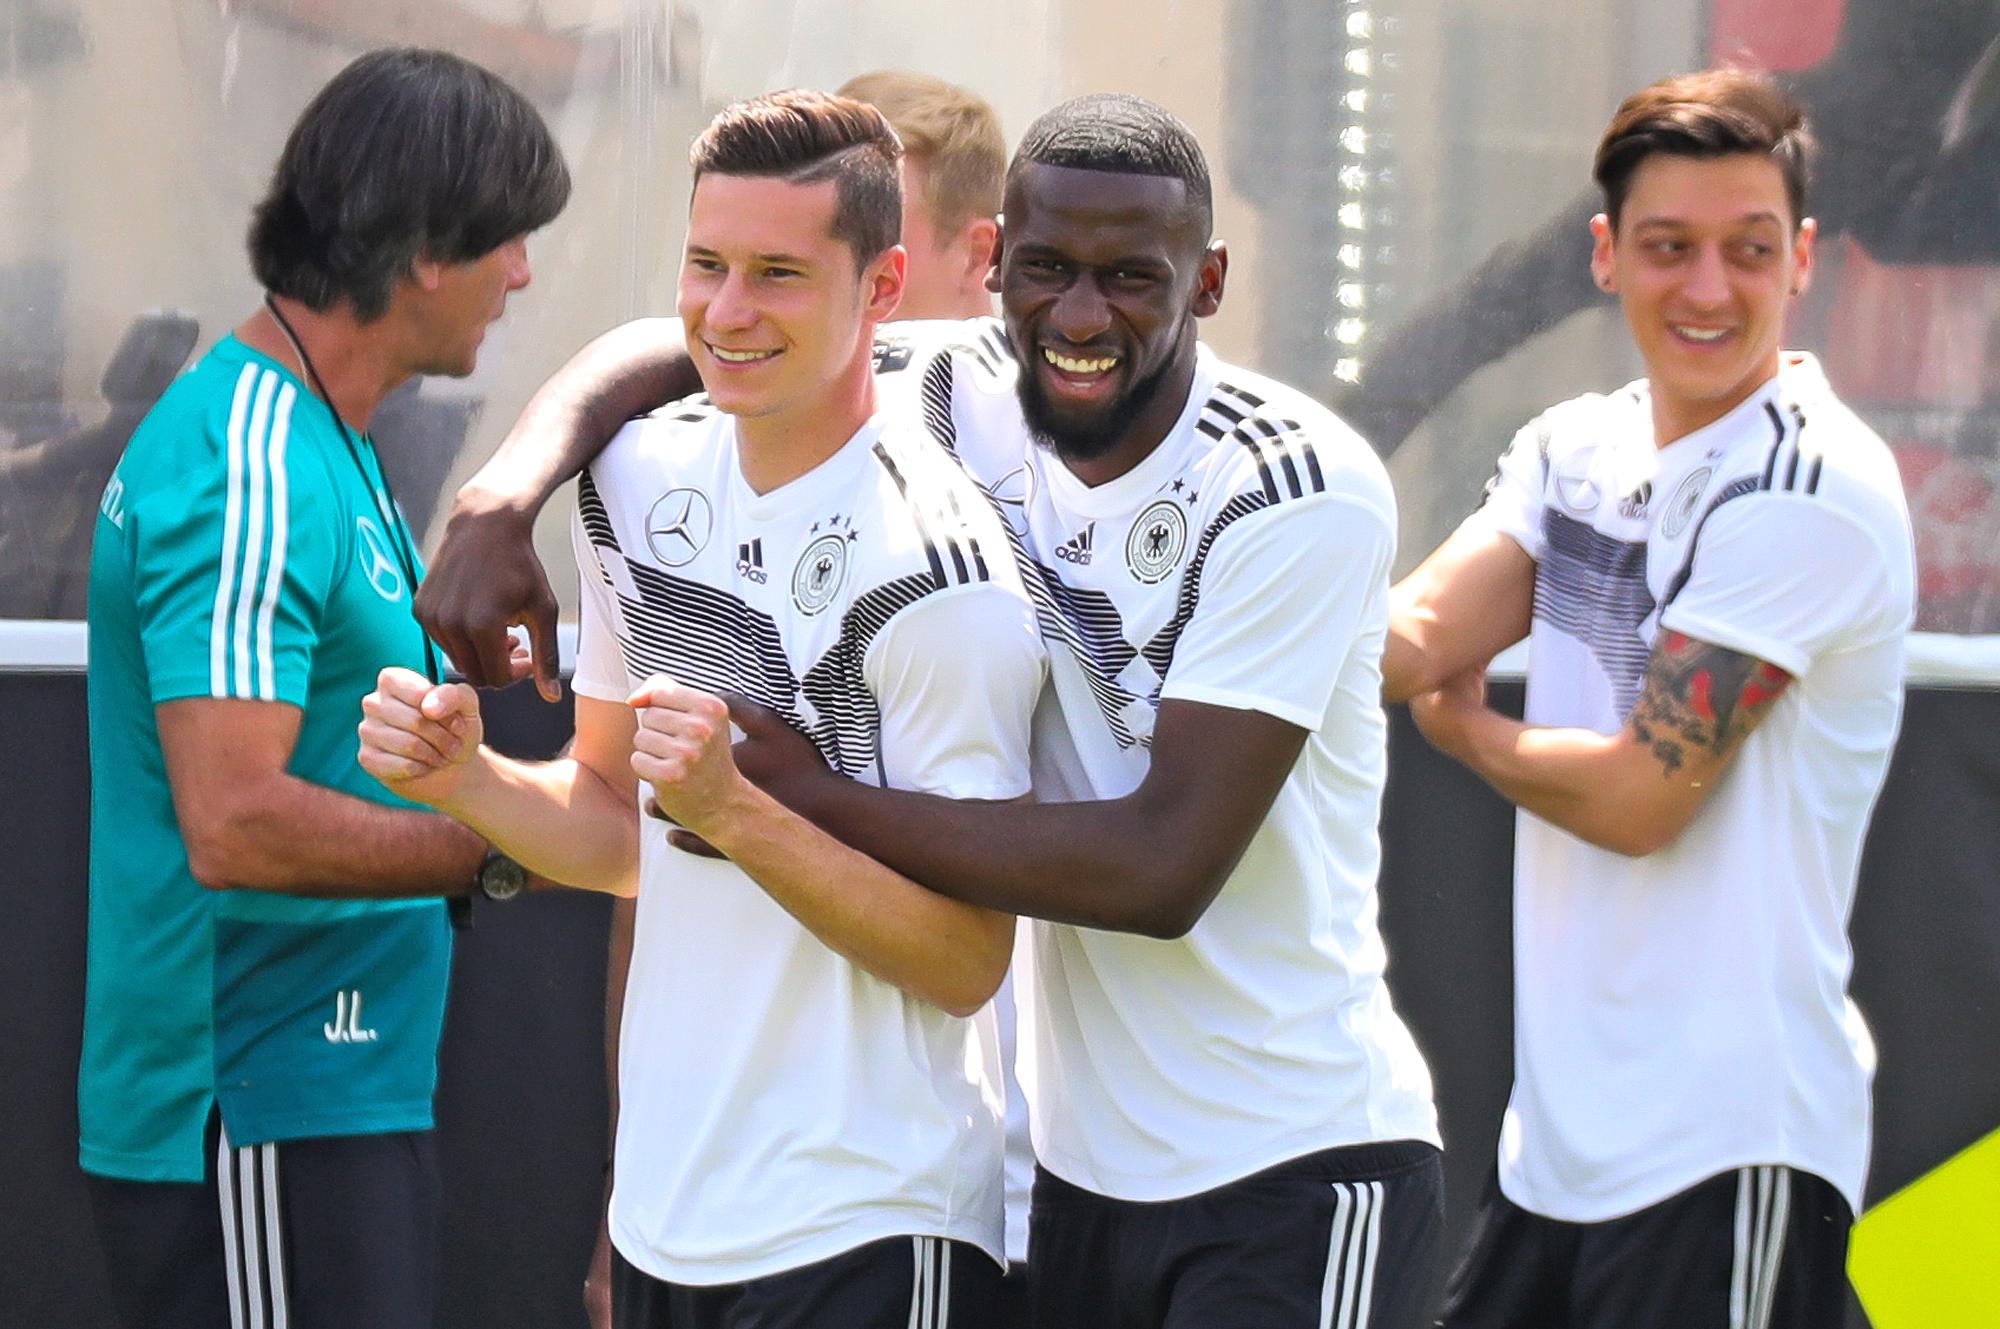 Alman futbolcu Gündoğan Ilkai: biyografi ve spor kariyeri